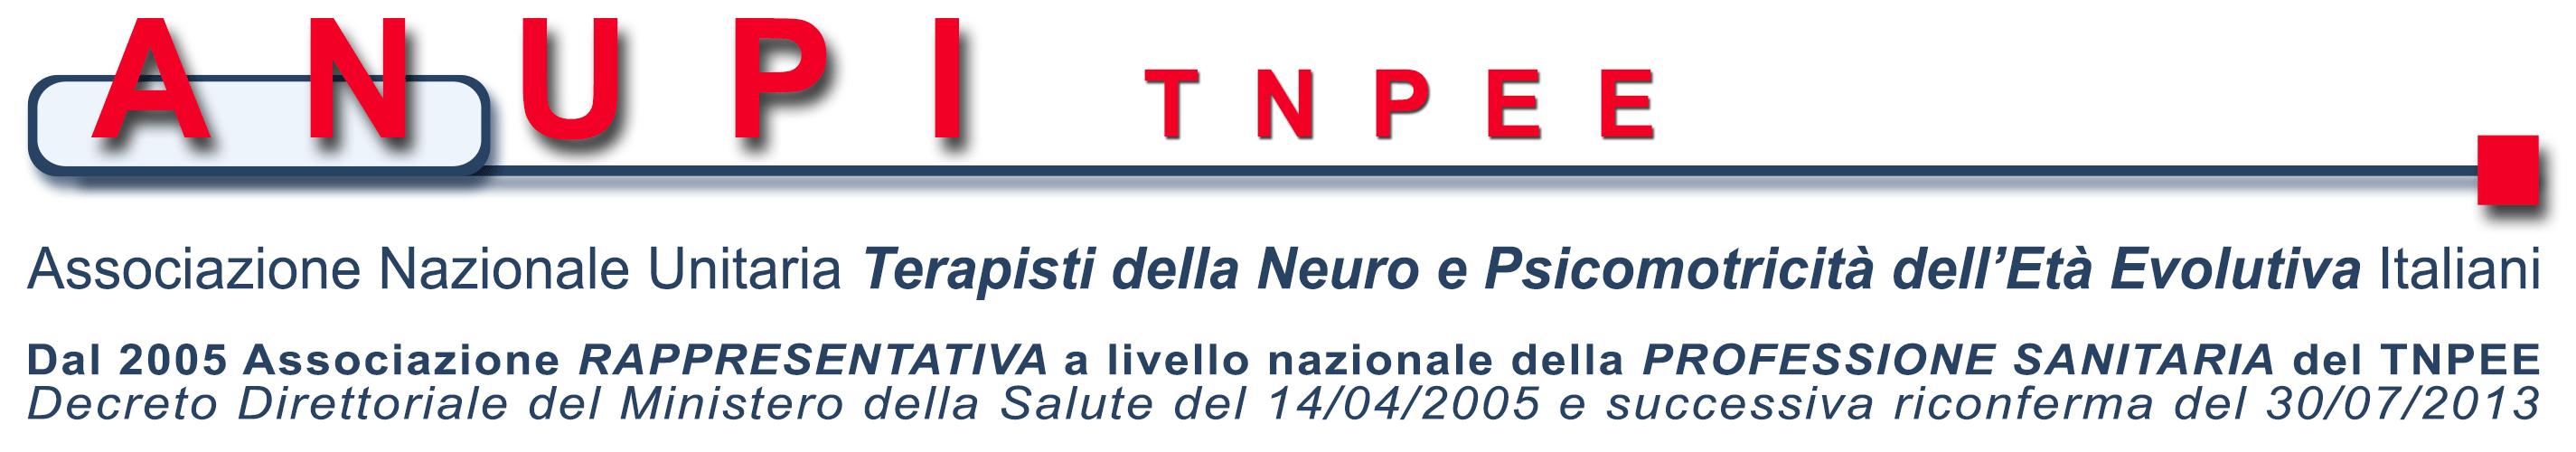 ANUPI TNPEE